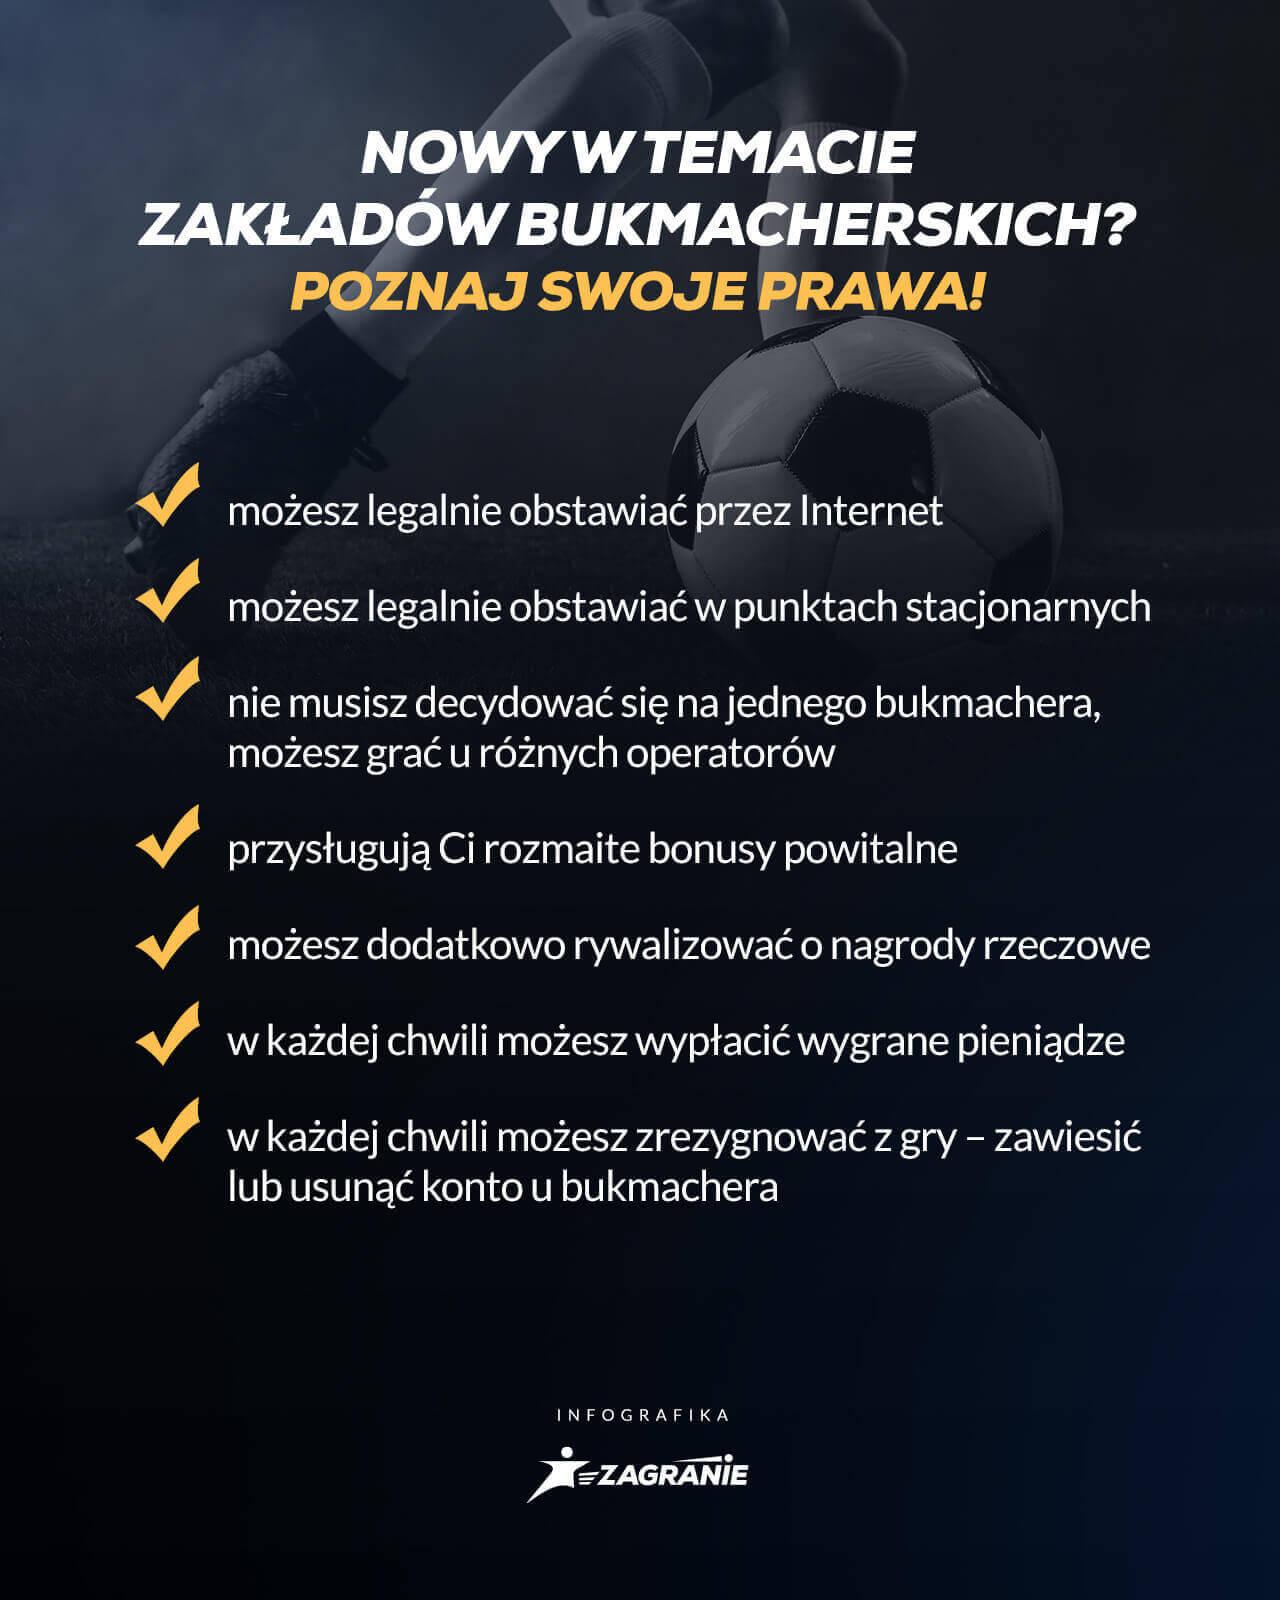 prawa obowiązujące gracza zakładów bukmacherskich